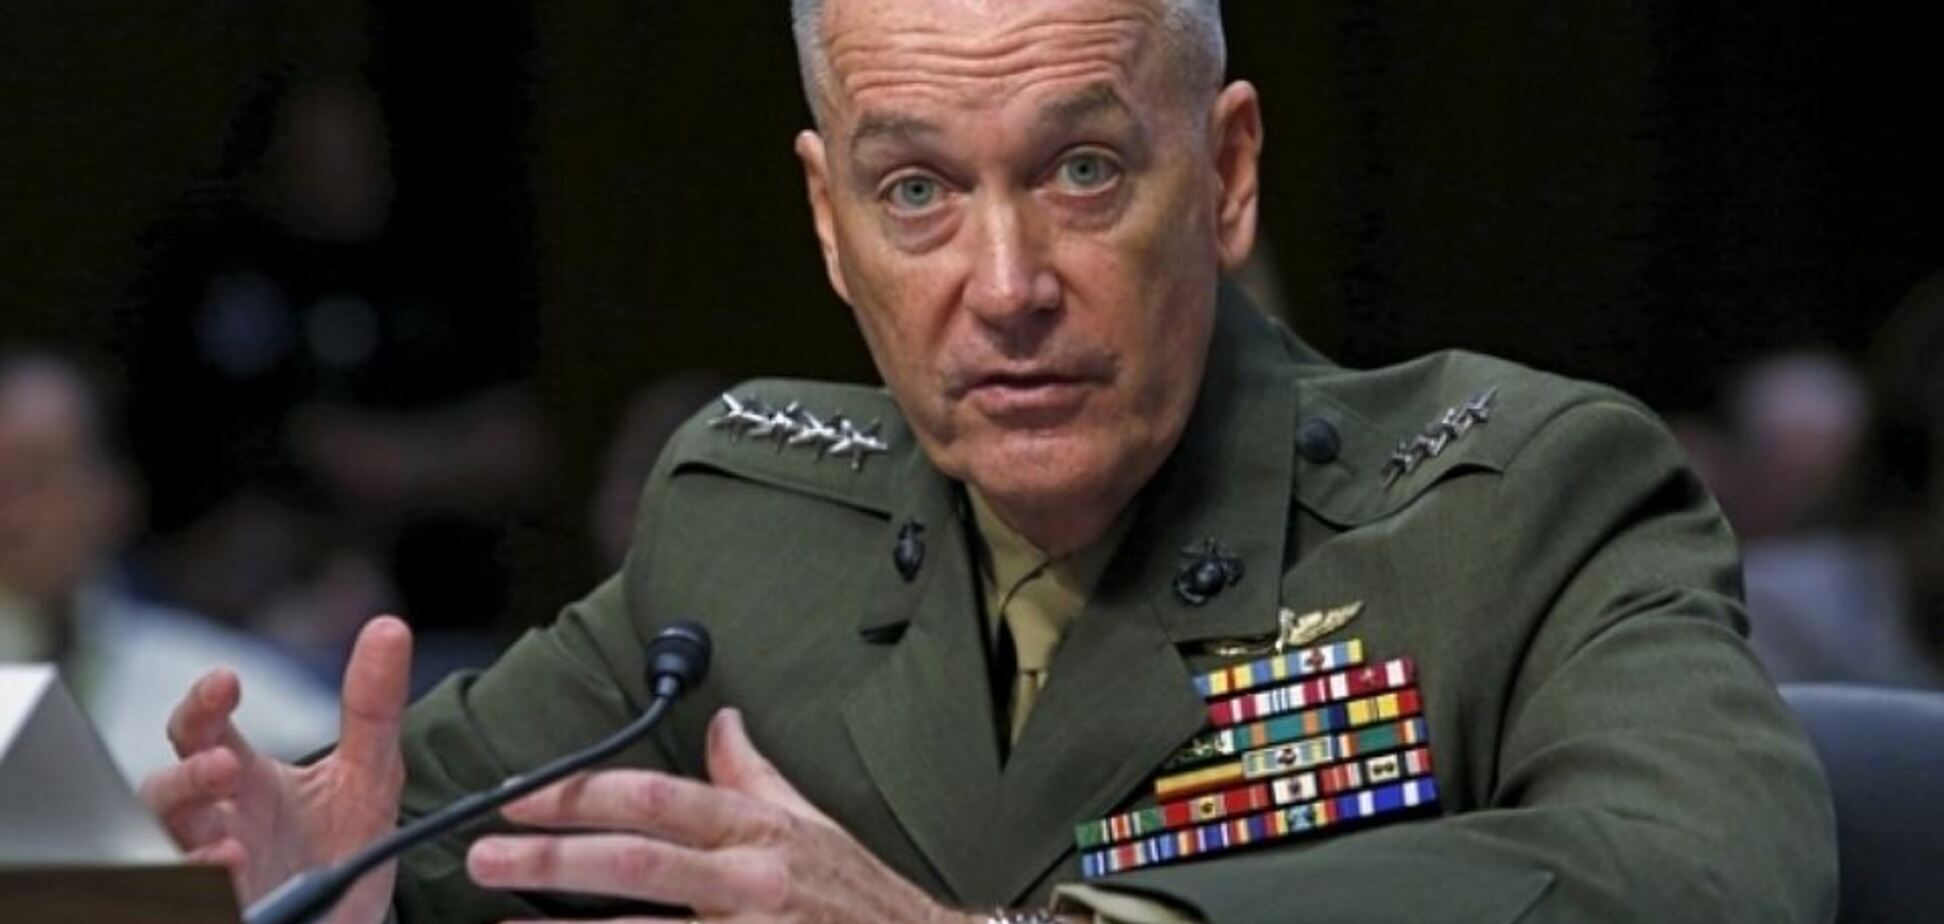 Хватит думать: генерал США доходчиво объяснил, зачем Украине летальное оружие